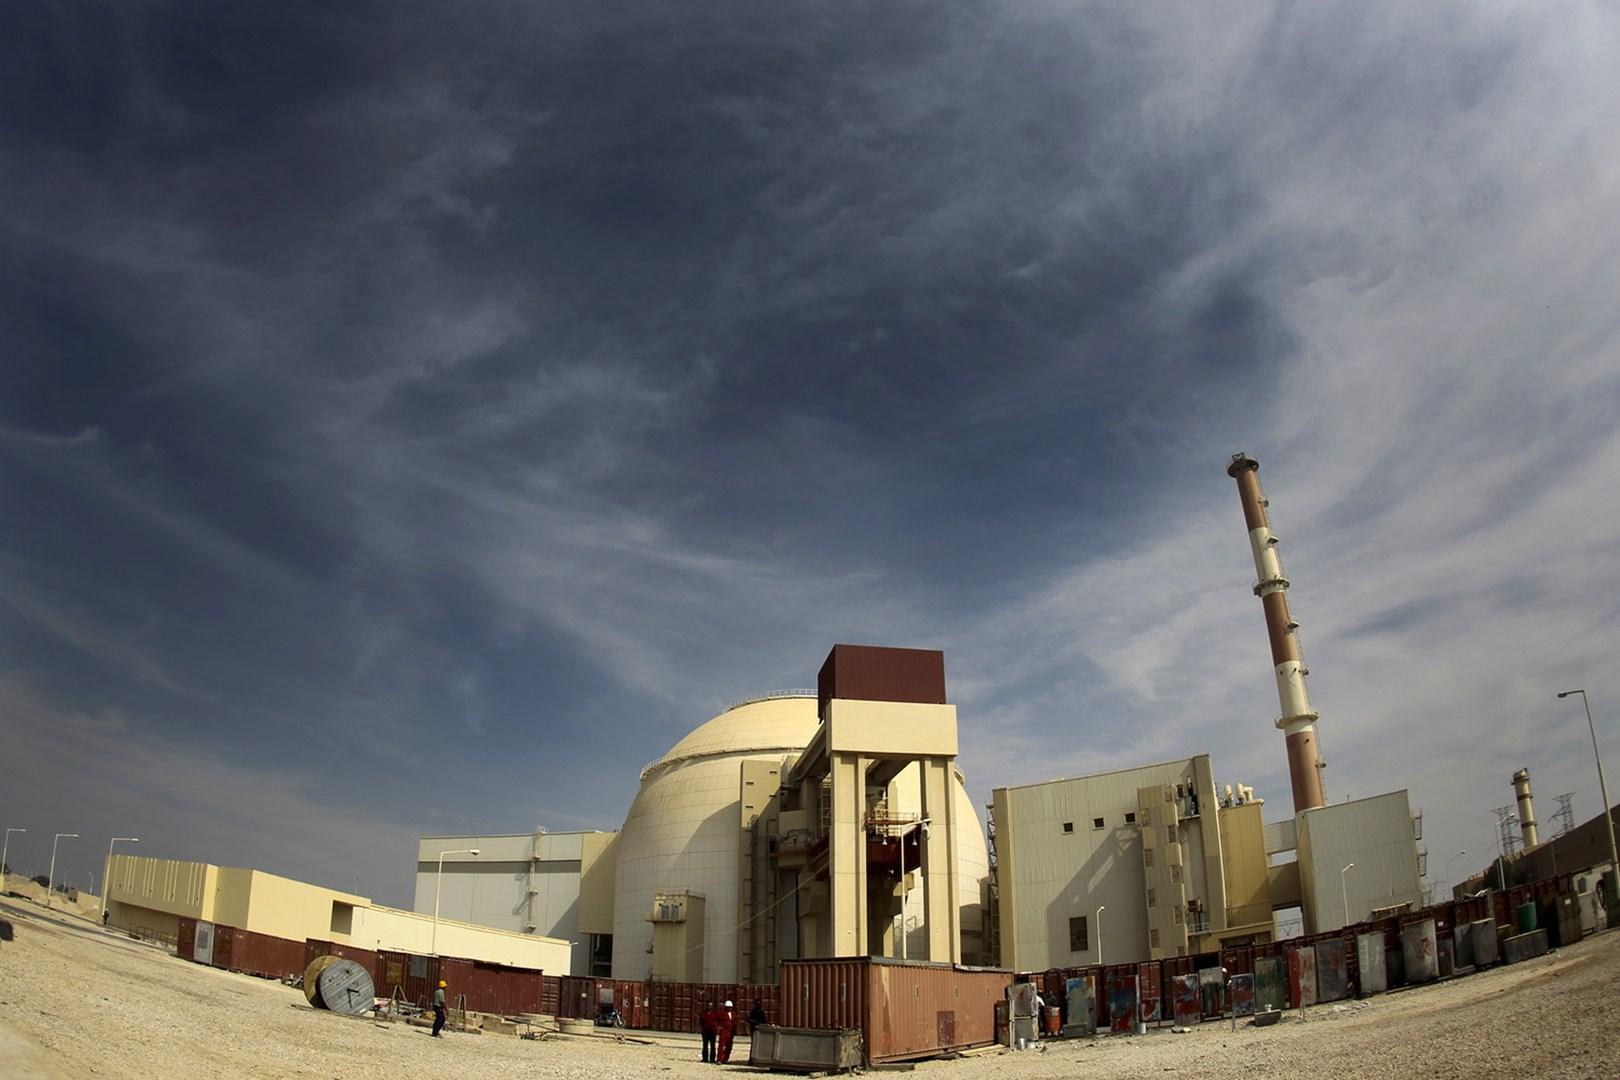 إيران تبلغ الوكالة الذرية وقف الإفصاح بالنسبة لتطوير برنامجها النووي